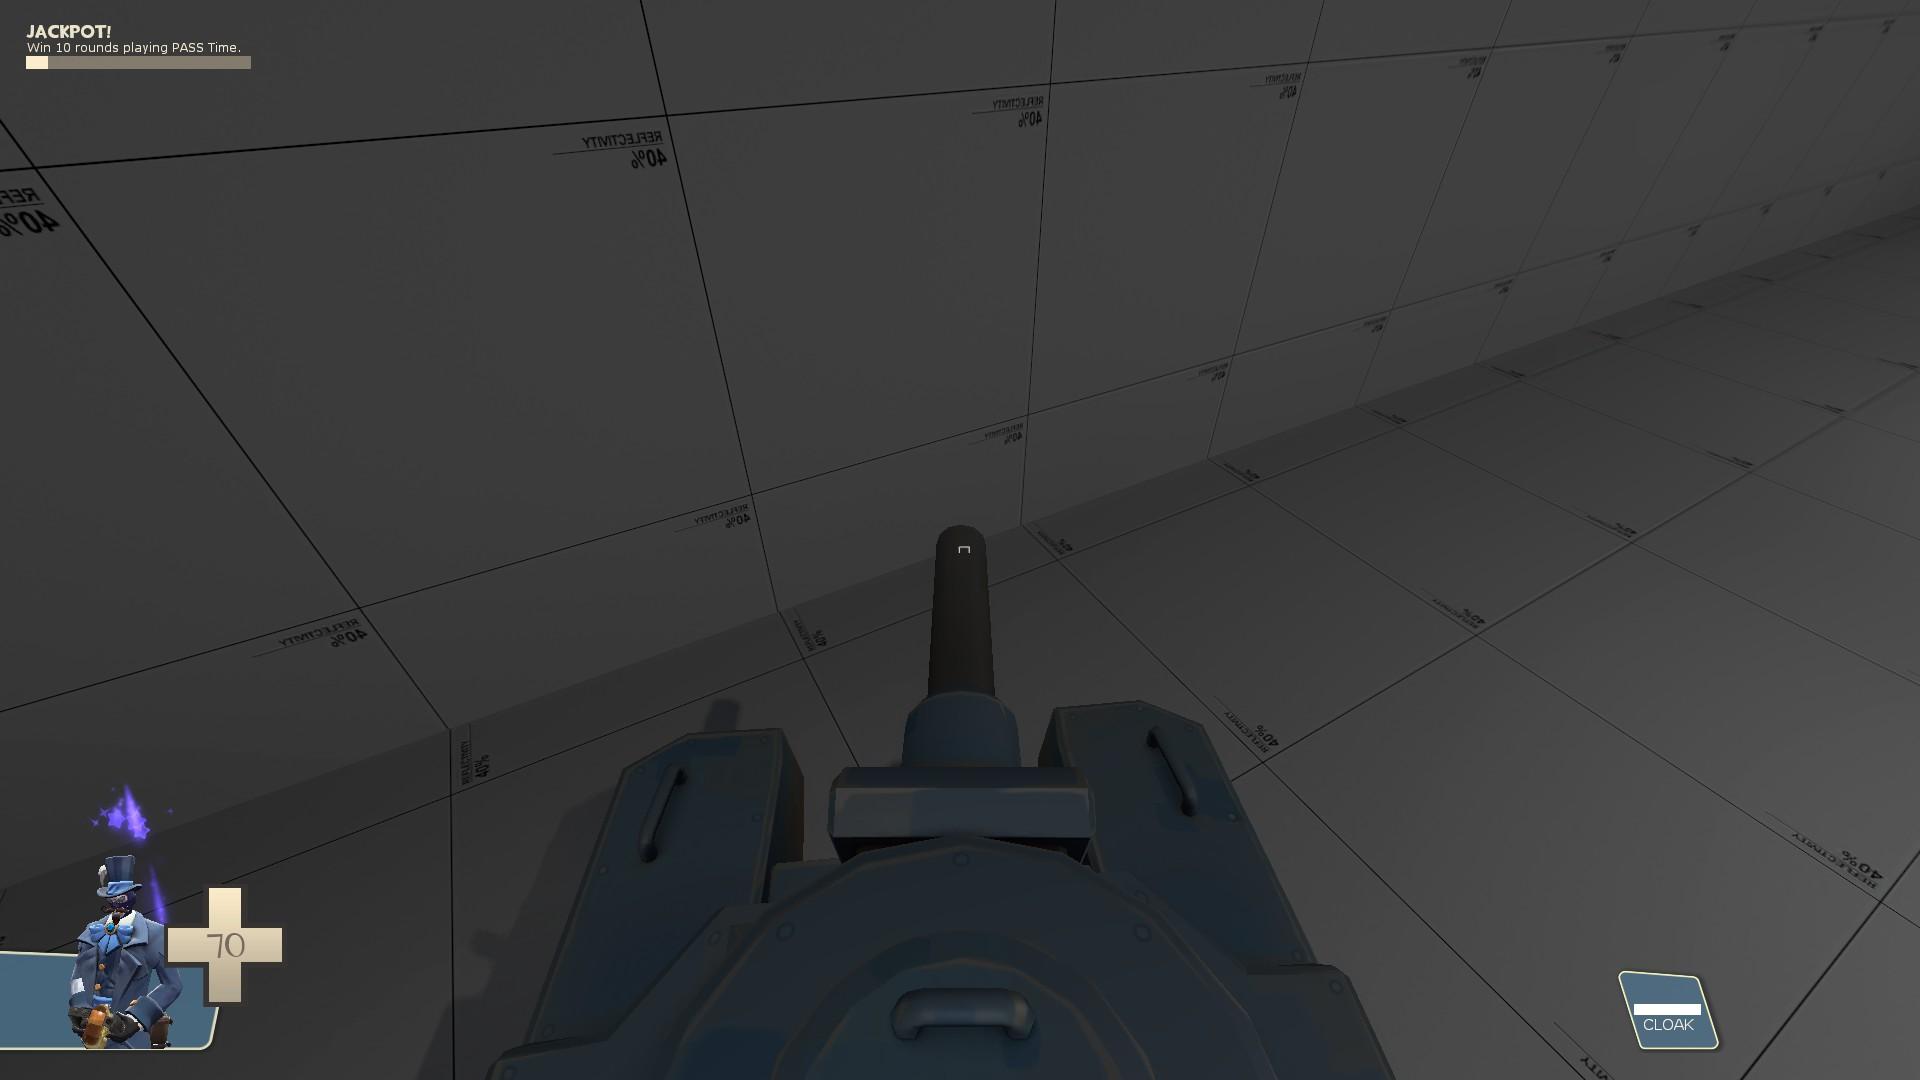 TF2] Mechanized Mercs Mod v1 6 6 - Page 5 - AlliedModders